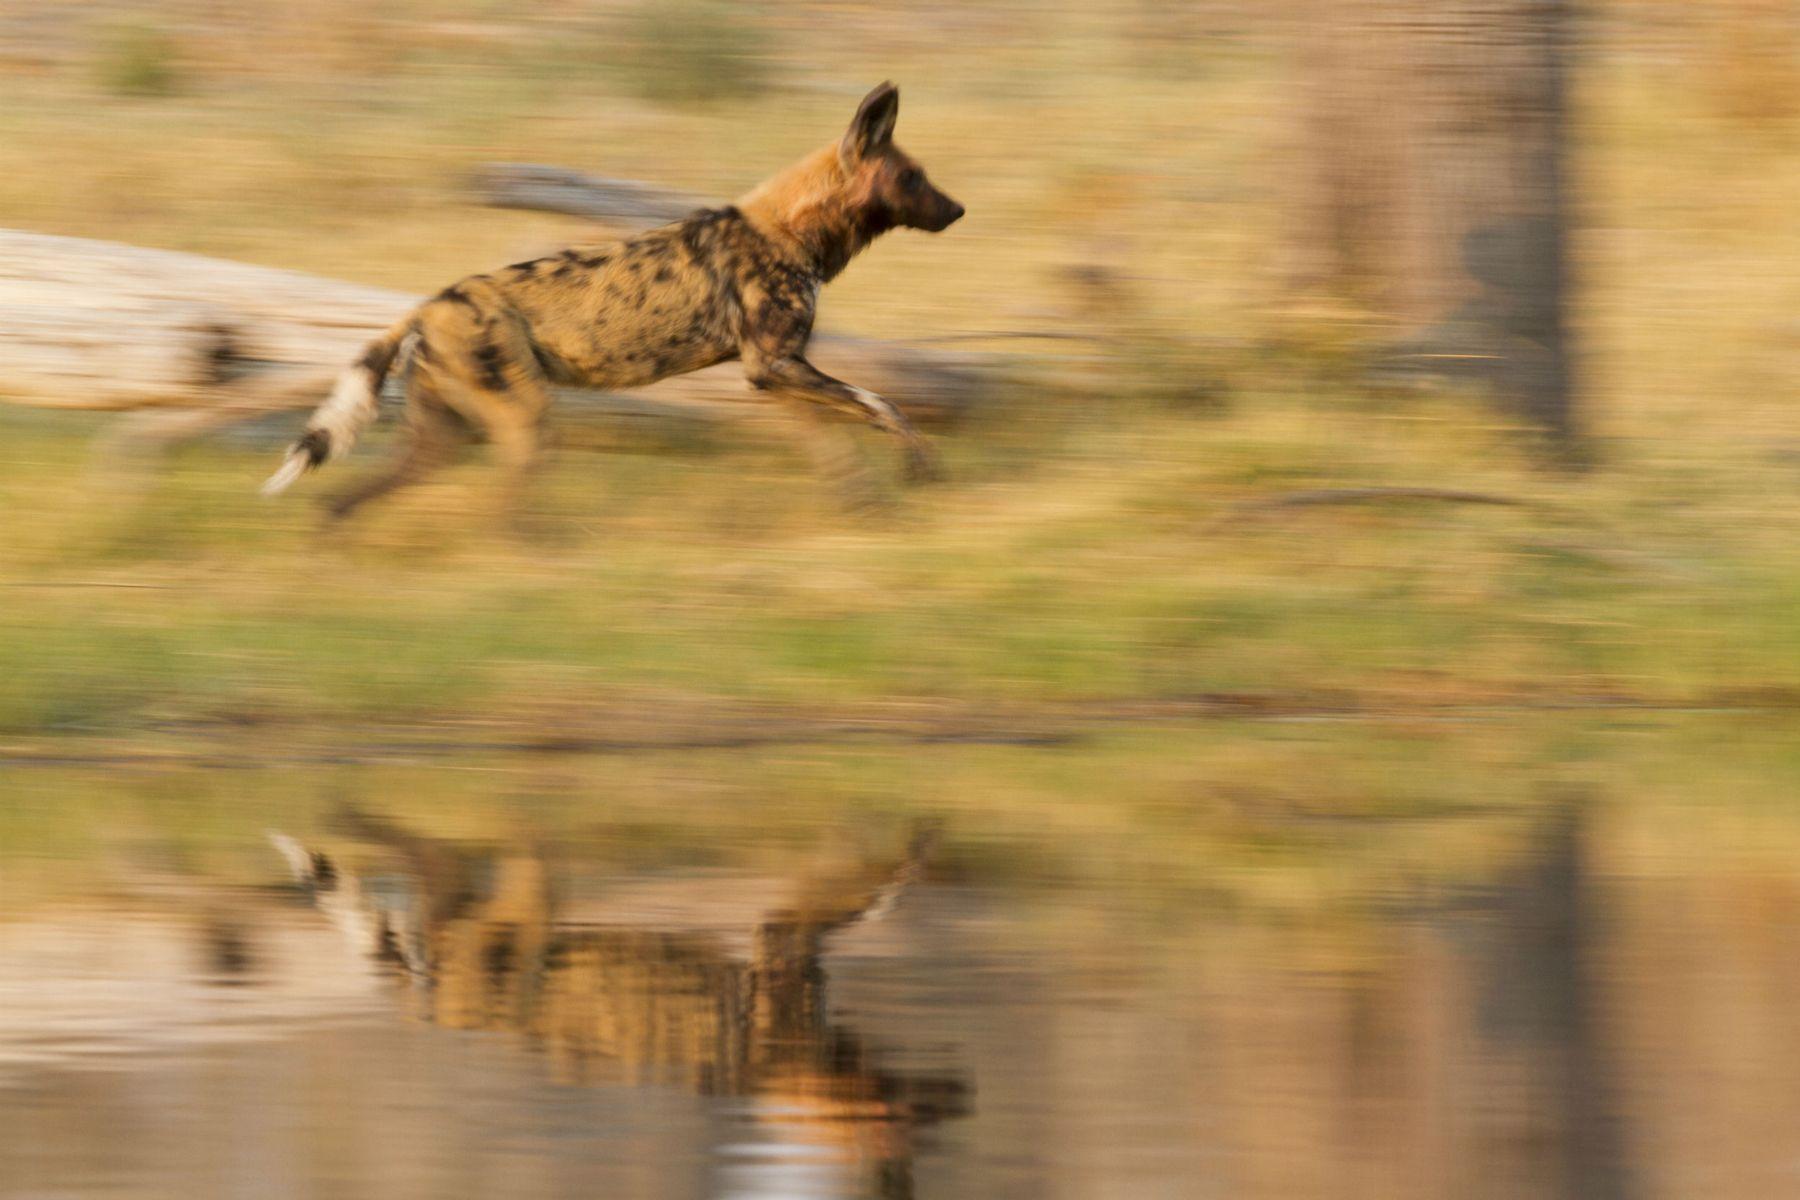 Wild Dogs on the run in Botswana